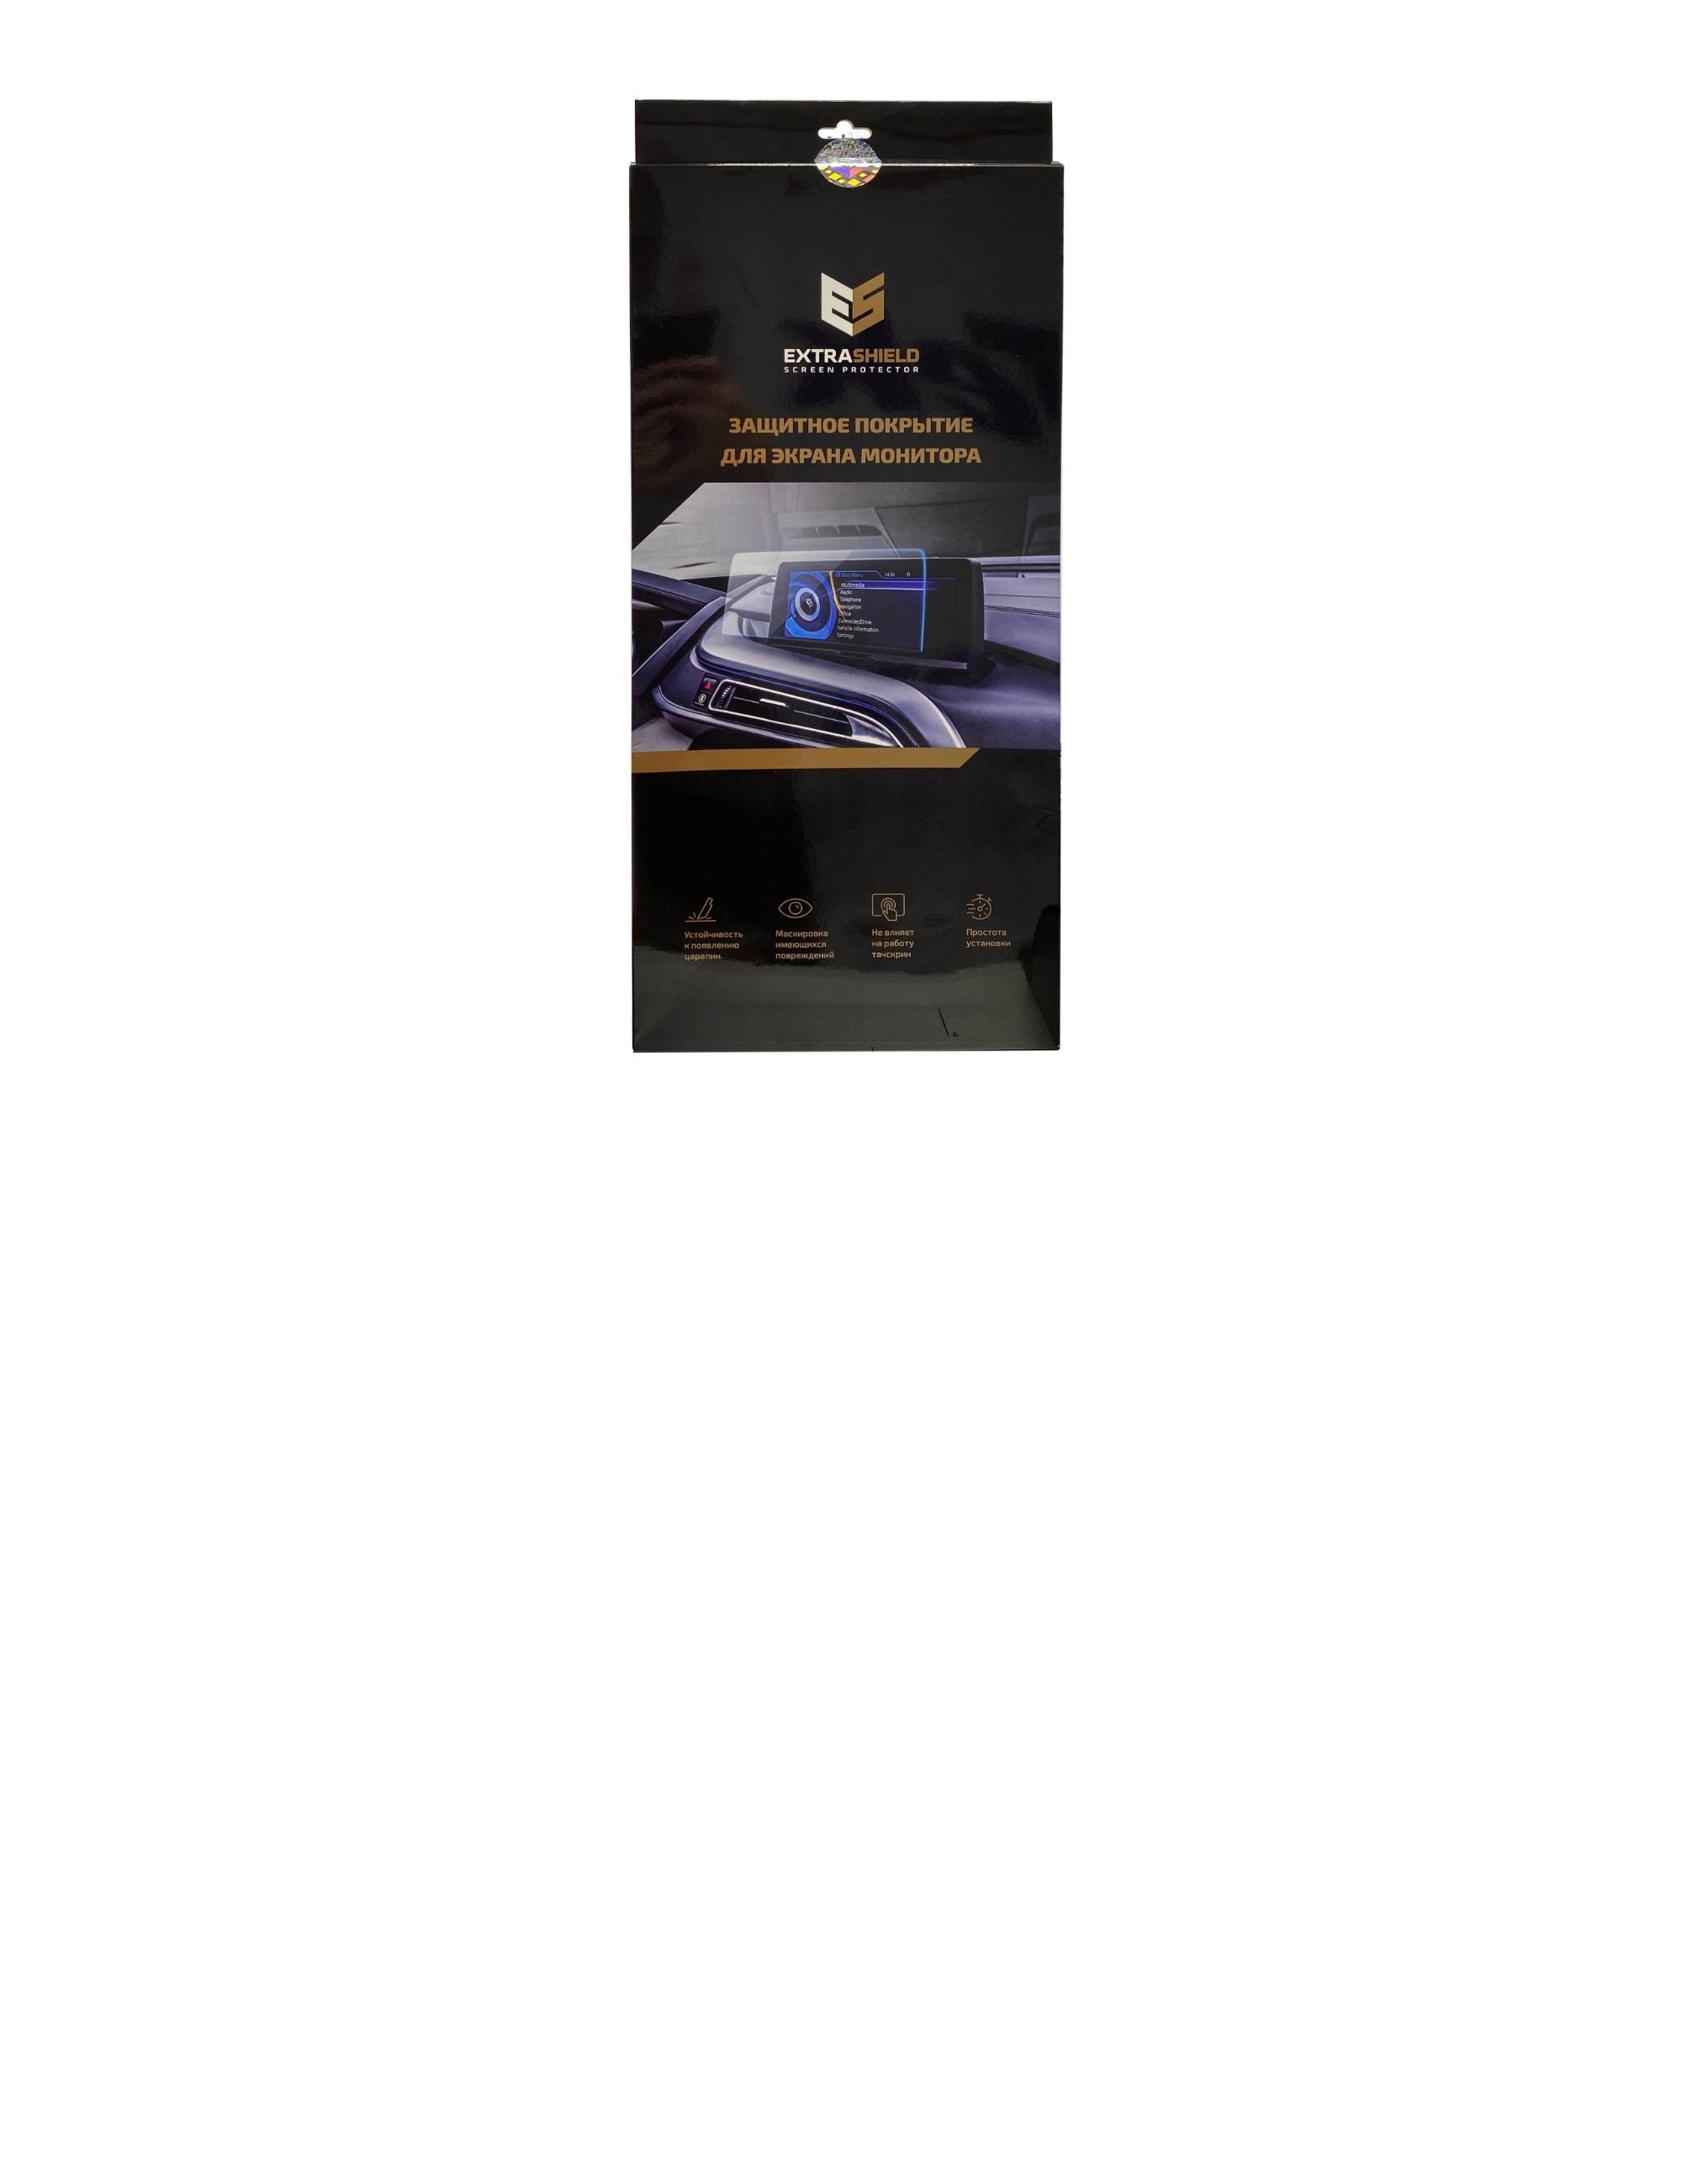 Audi Q8 2018 - н.в. мультимедиа+климат контроль 10.1-8.6 Защитное стекло Глянец